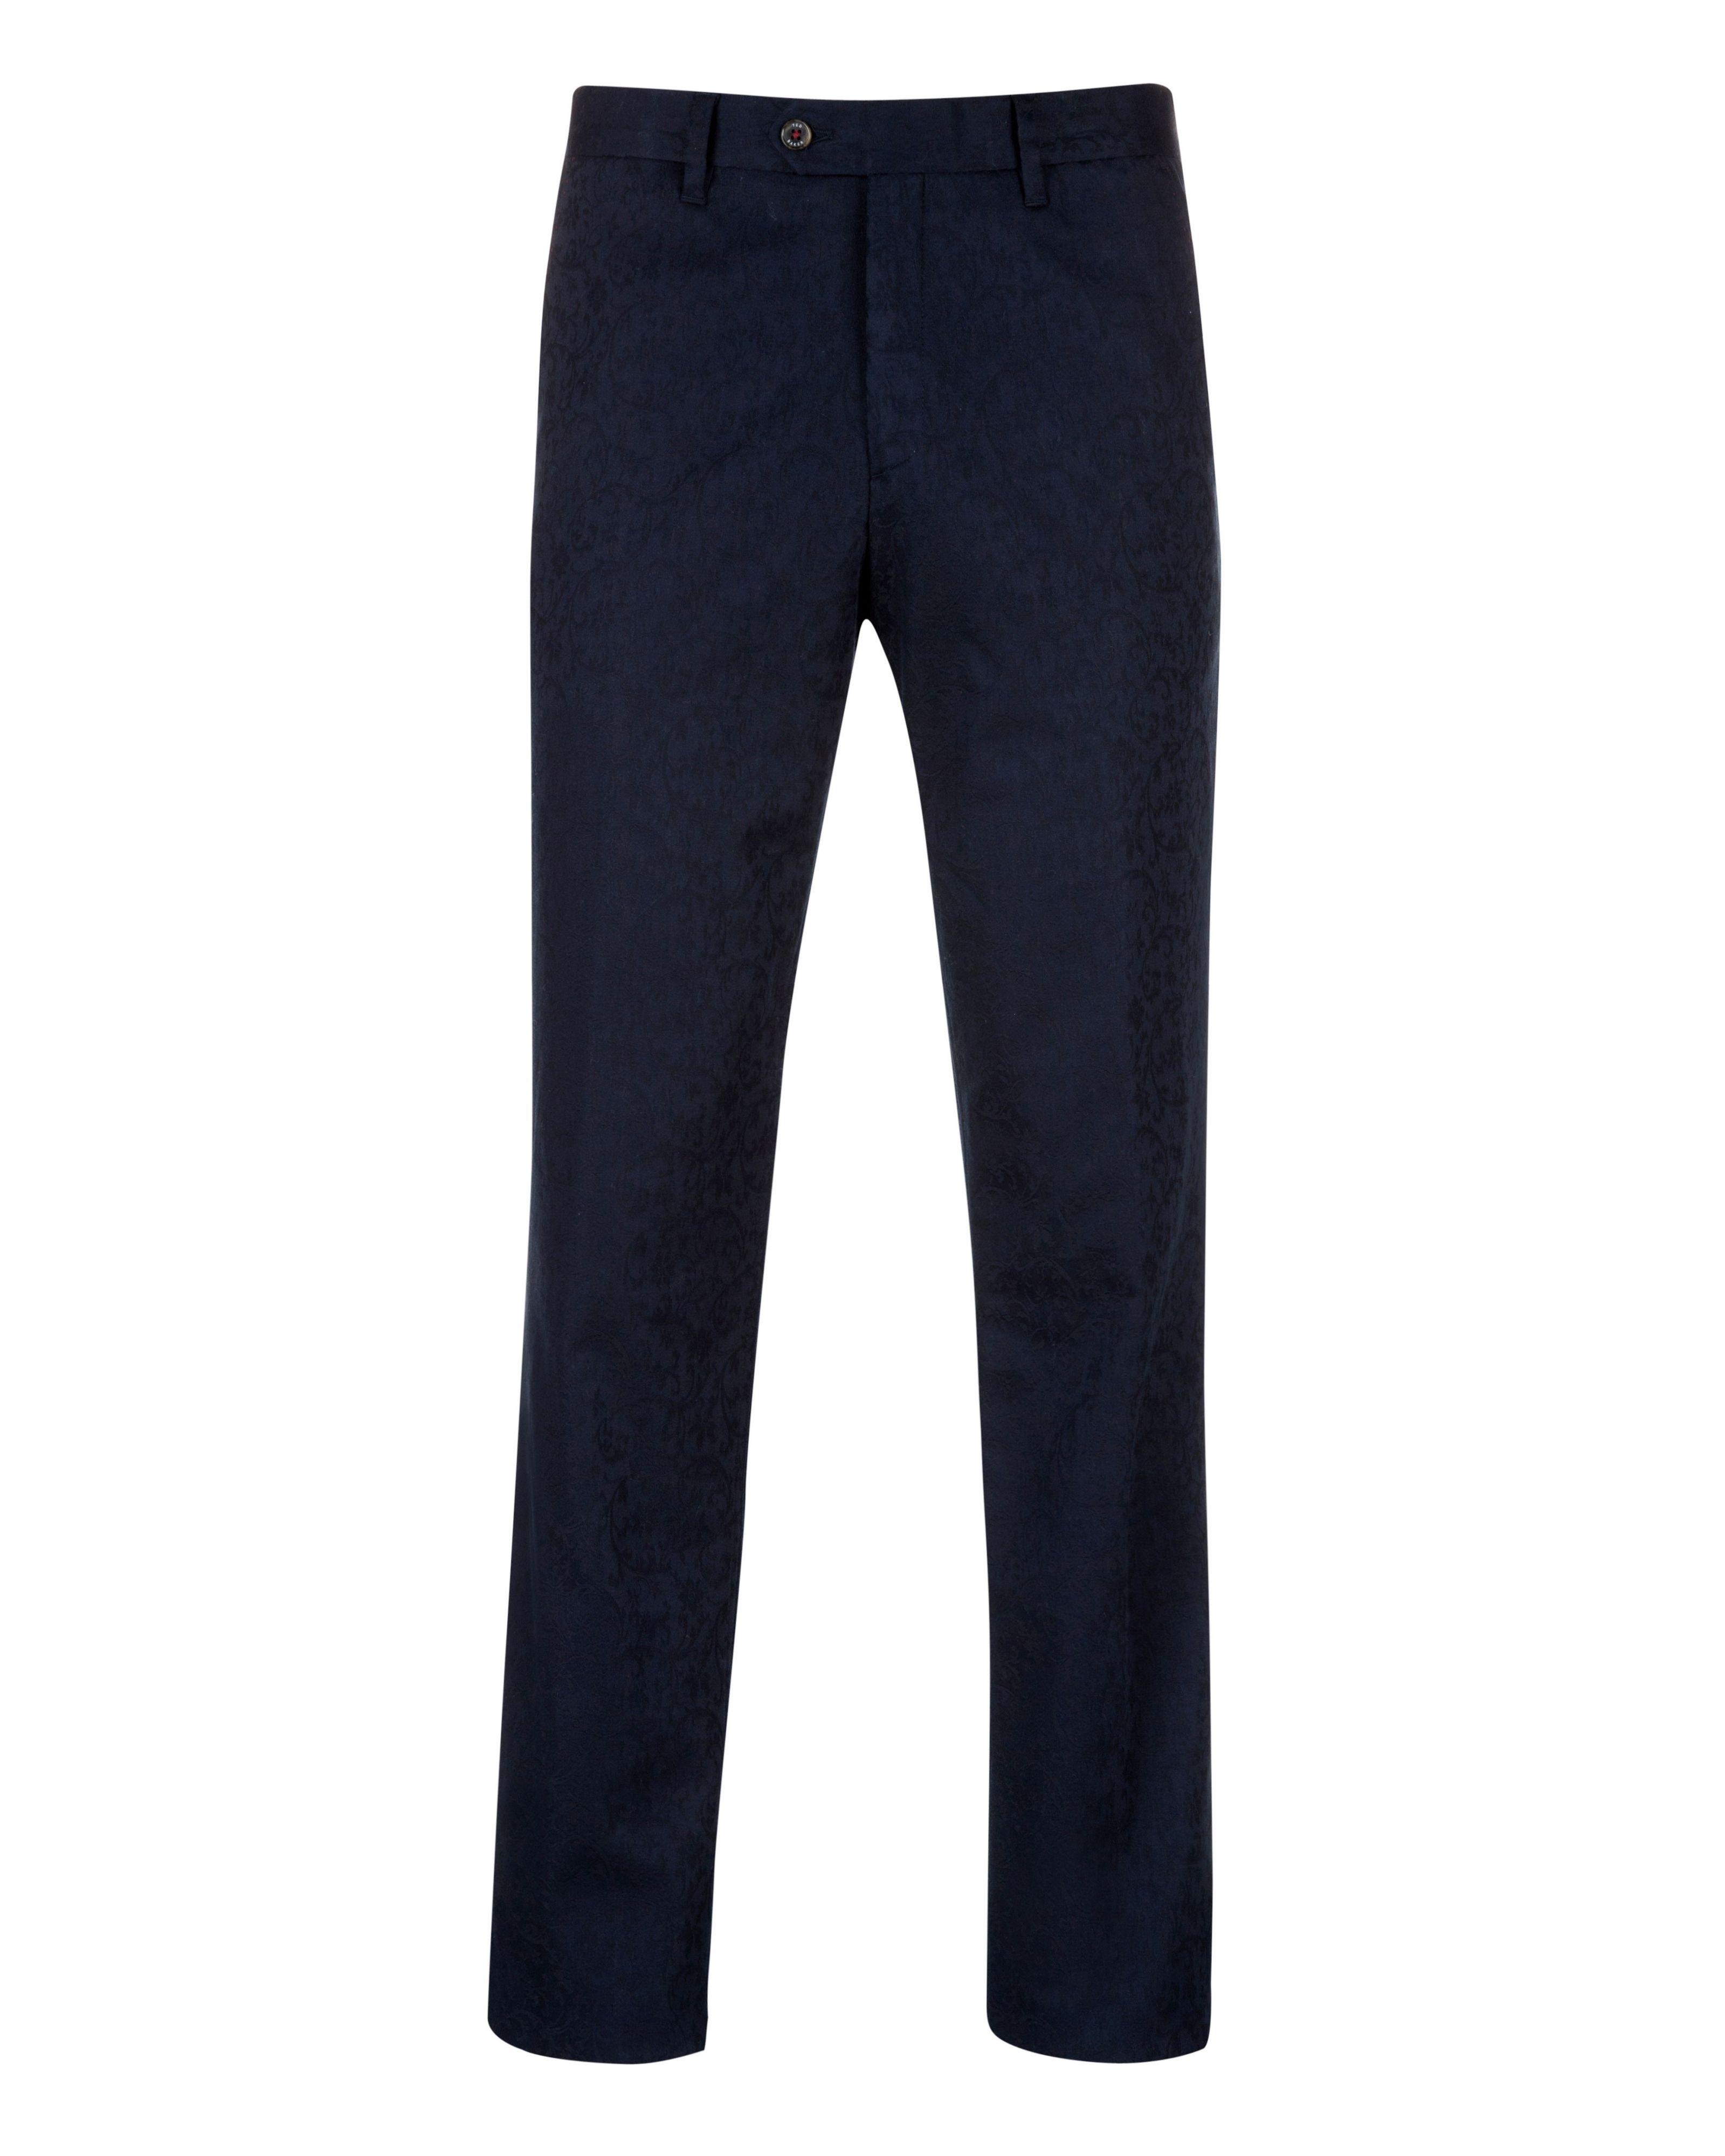 Ted Baker Cotton Aldtro Jacquard Trouser in Navy (Blue) for Men